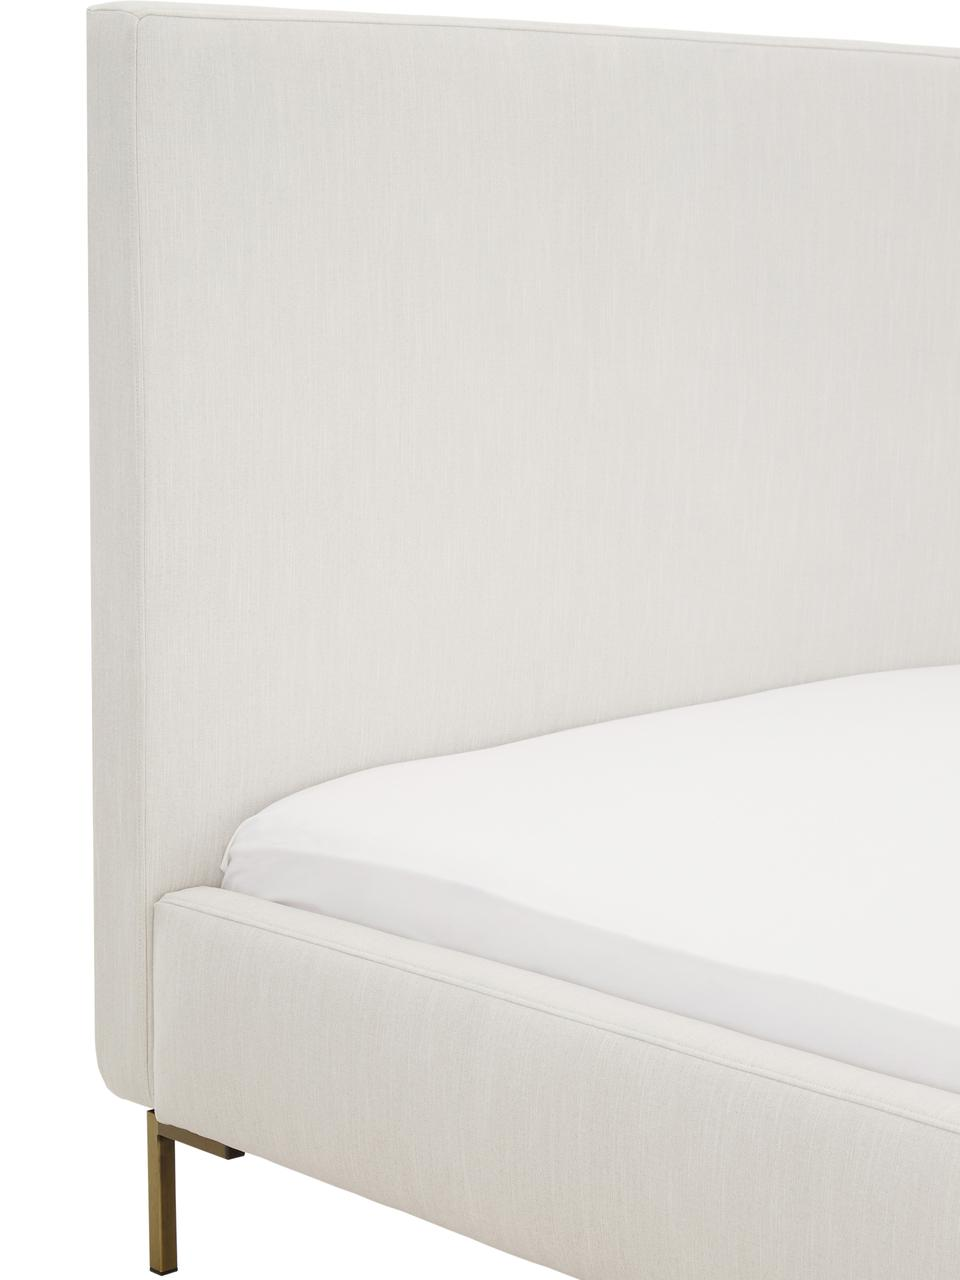 Letto imbottito in tessuto beige Peace, Piedini: metallo verniciato a polv, Rivestimento: velluto di poliestere 290, Tessuto beige, 200 x 200 cm